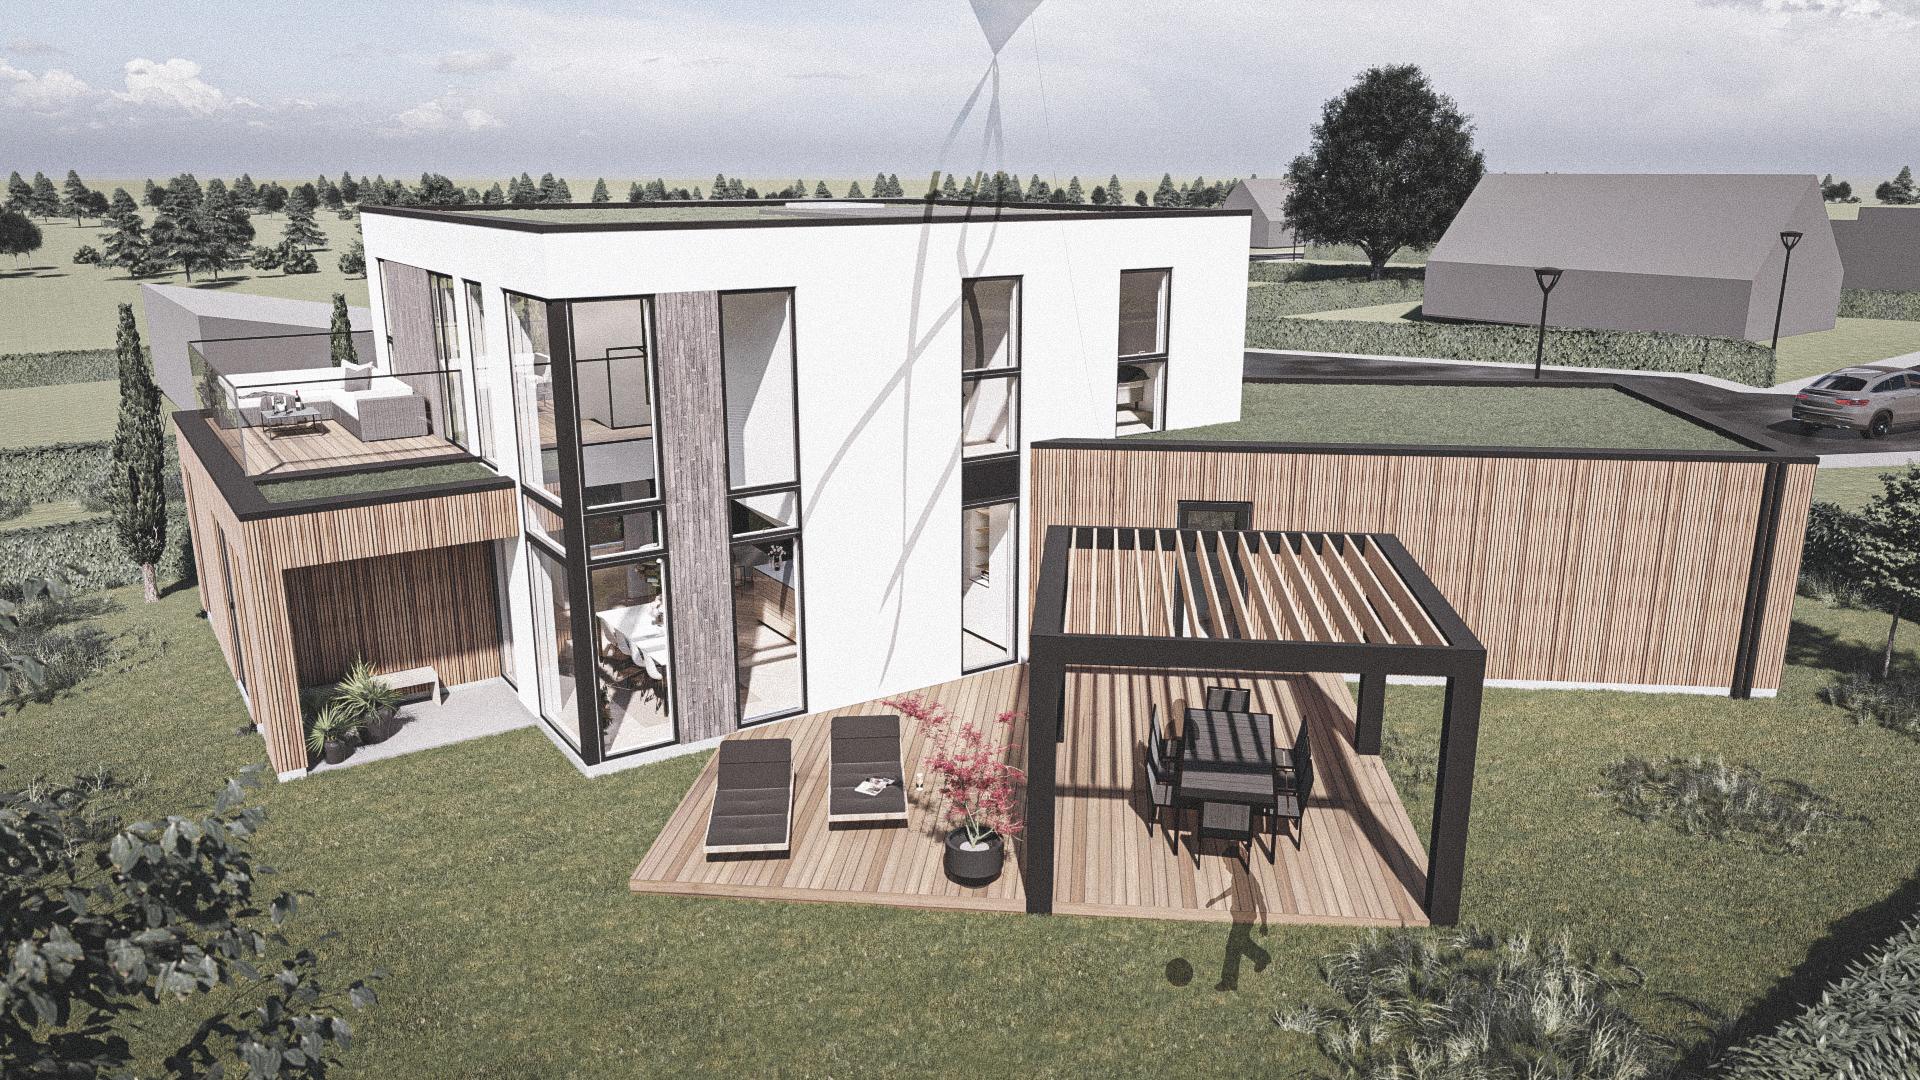 Billede af et arkitekt tegnet projektforslag af ny drømme villa i Odense SV, af det danske arkitektfirma m2plus